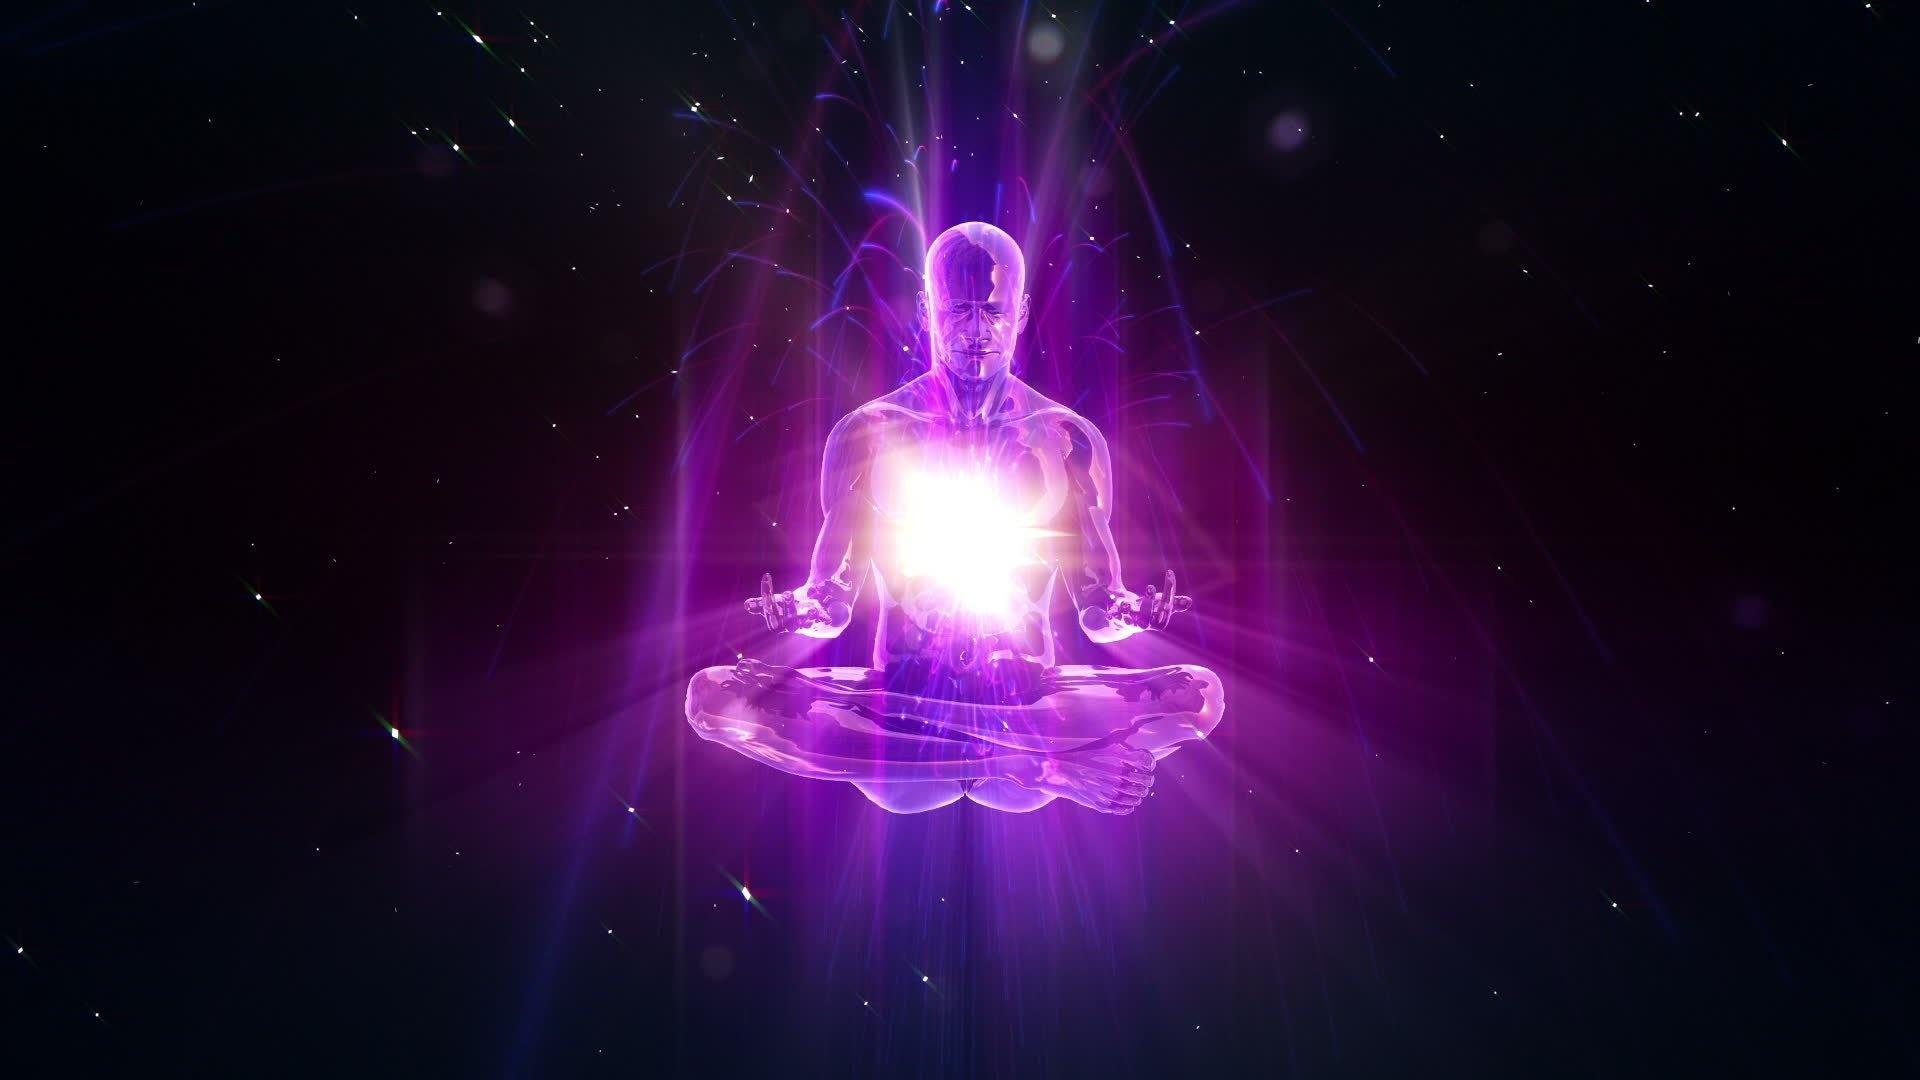 Enlightenment desktop background